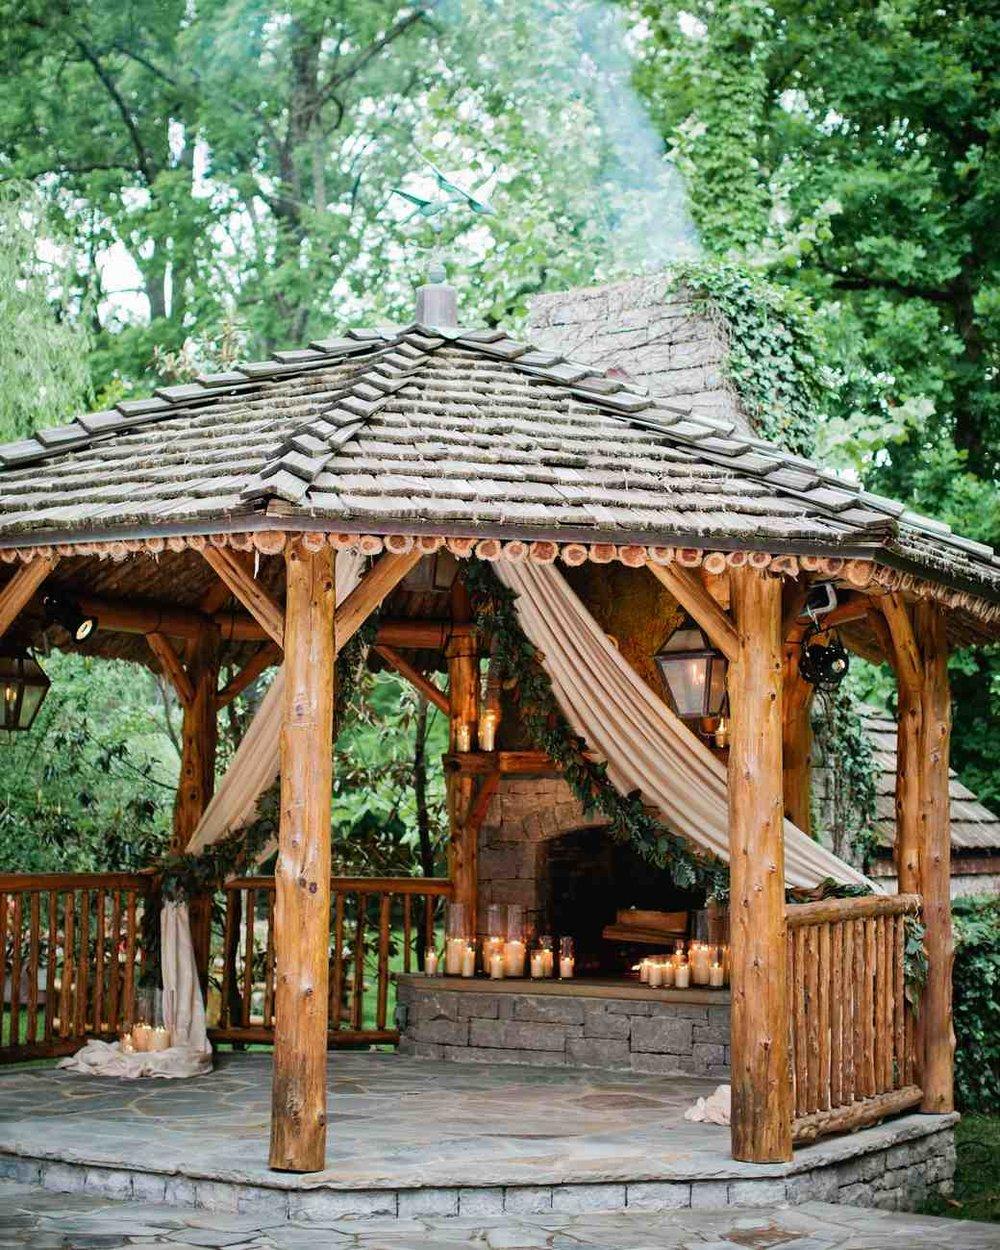 memree-rich-wedding-gazebo-292-6257086-0217_vert.jpg